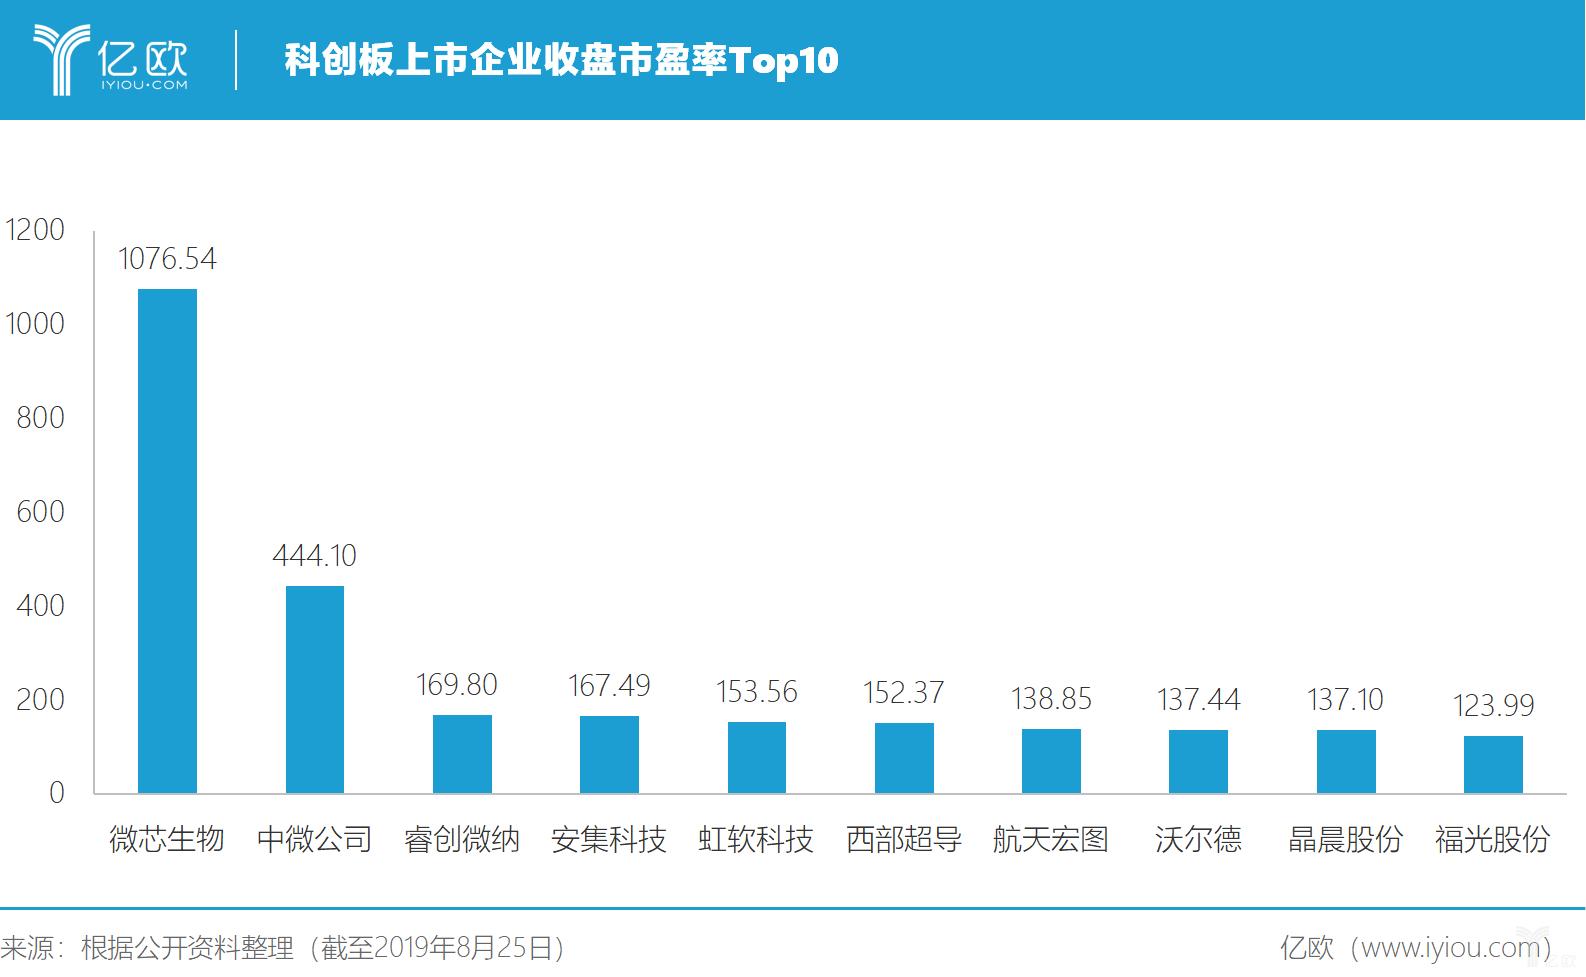 亿欧智库:科创板上市企业收盘市盈率Top10